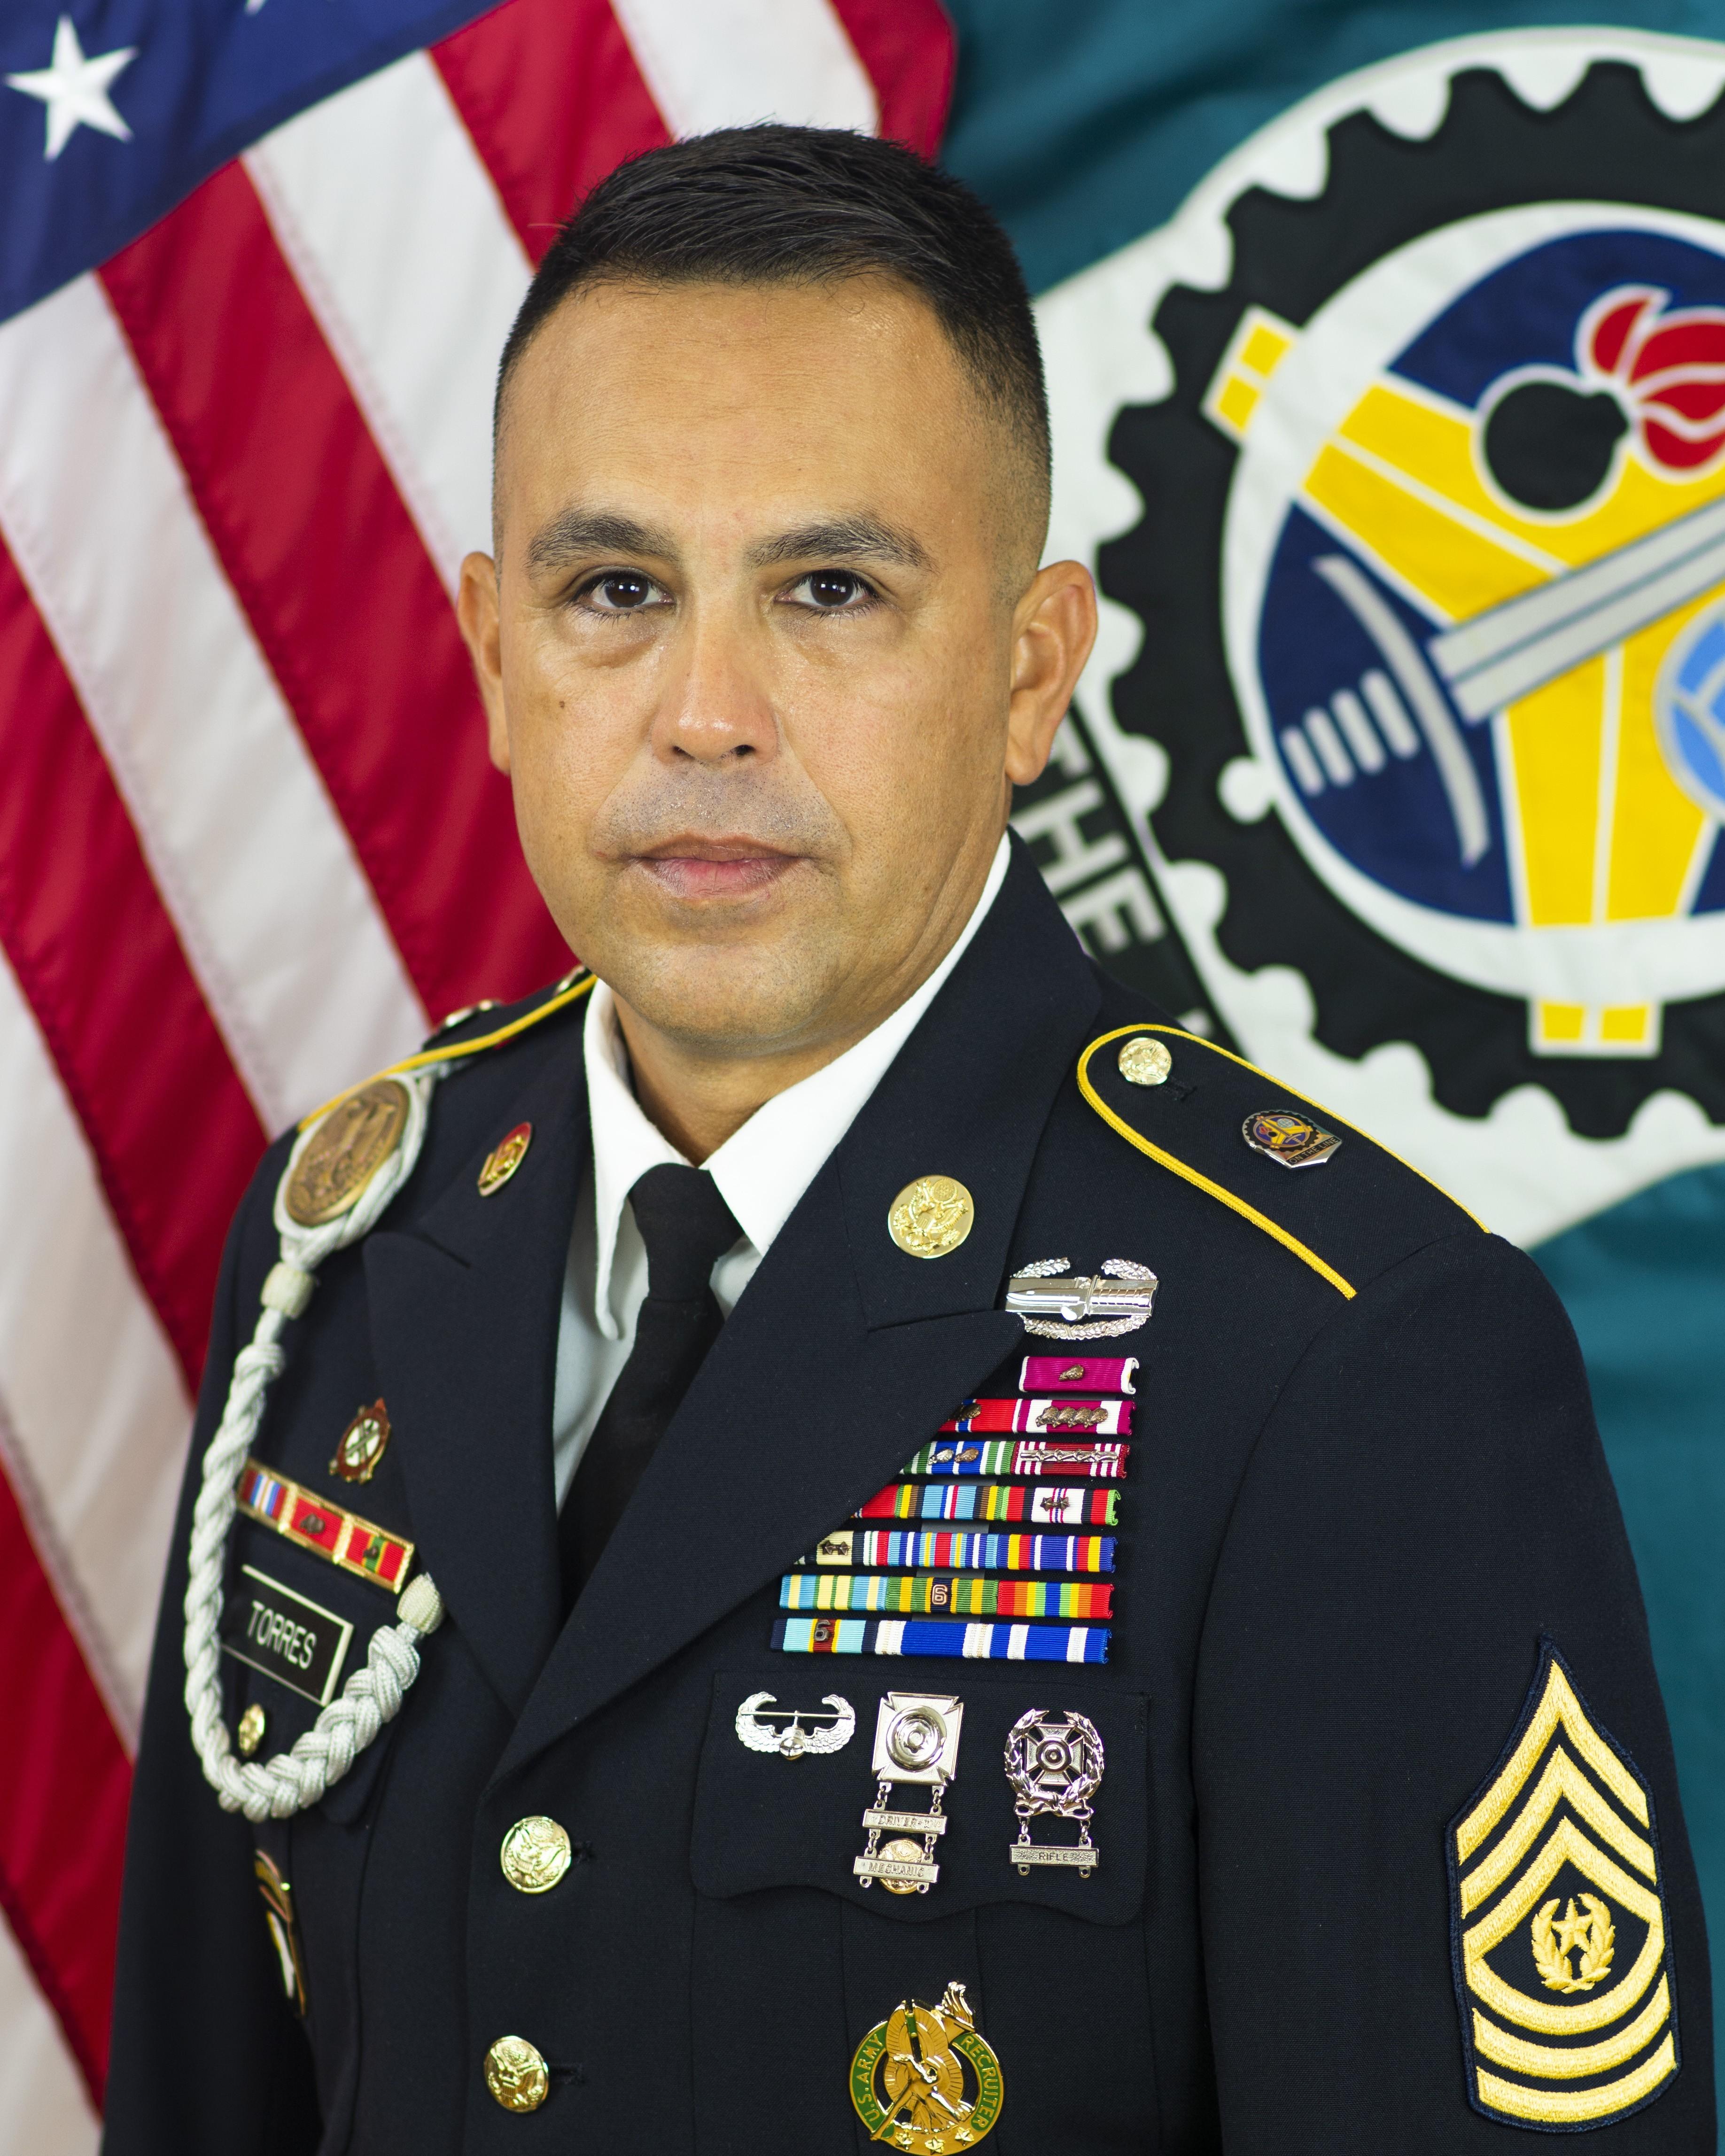 CSM Marco A. Torres